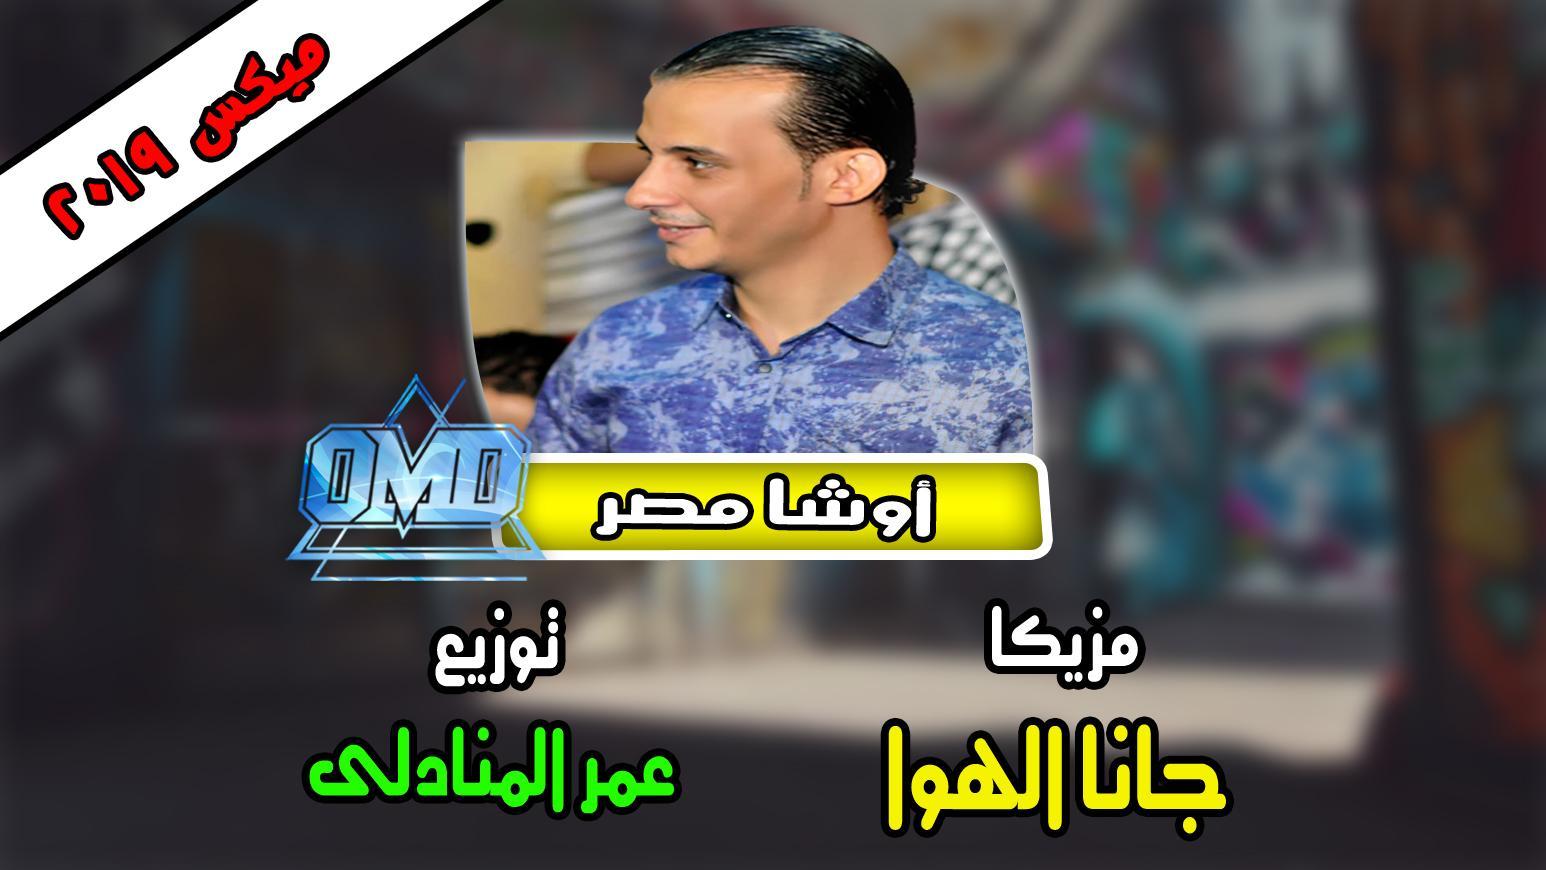 حصريا مزيكا جانا الهوا أوشا توزيع عمر المنادلى 2019